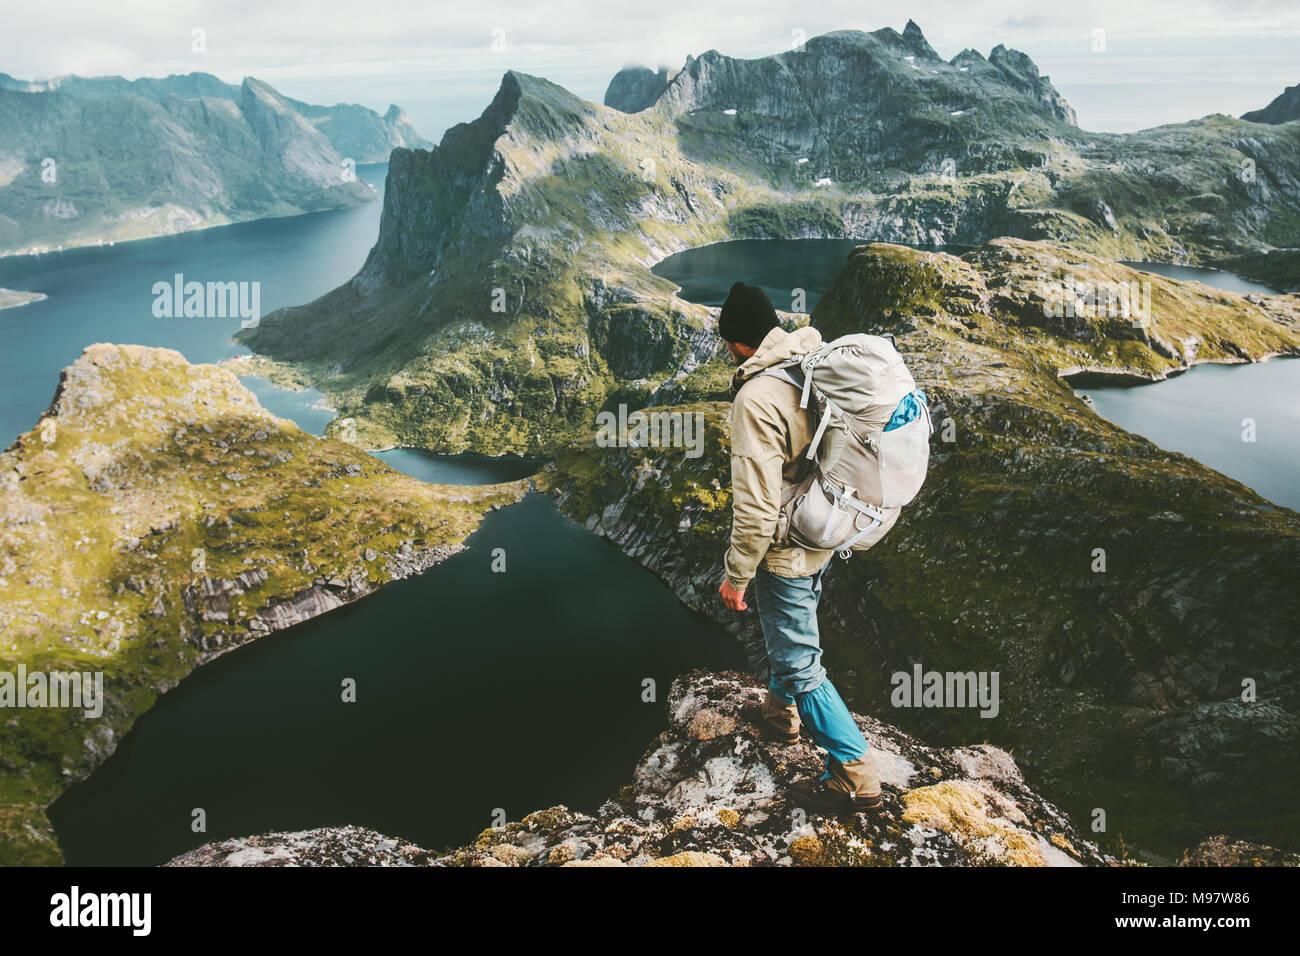 Descubridor hombre de pie sobre un acantilado en la montaña noruega viajar concepto de aventura en el estilo de vida activo de senderismo vacaciones de verano piscina vista aérea Imagen De Stock